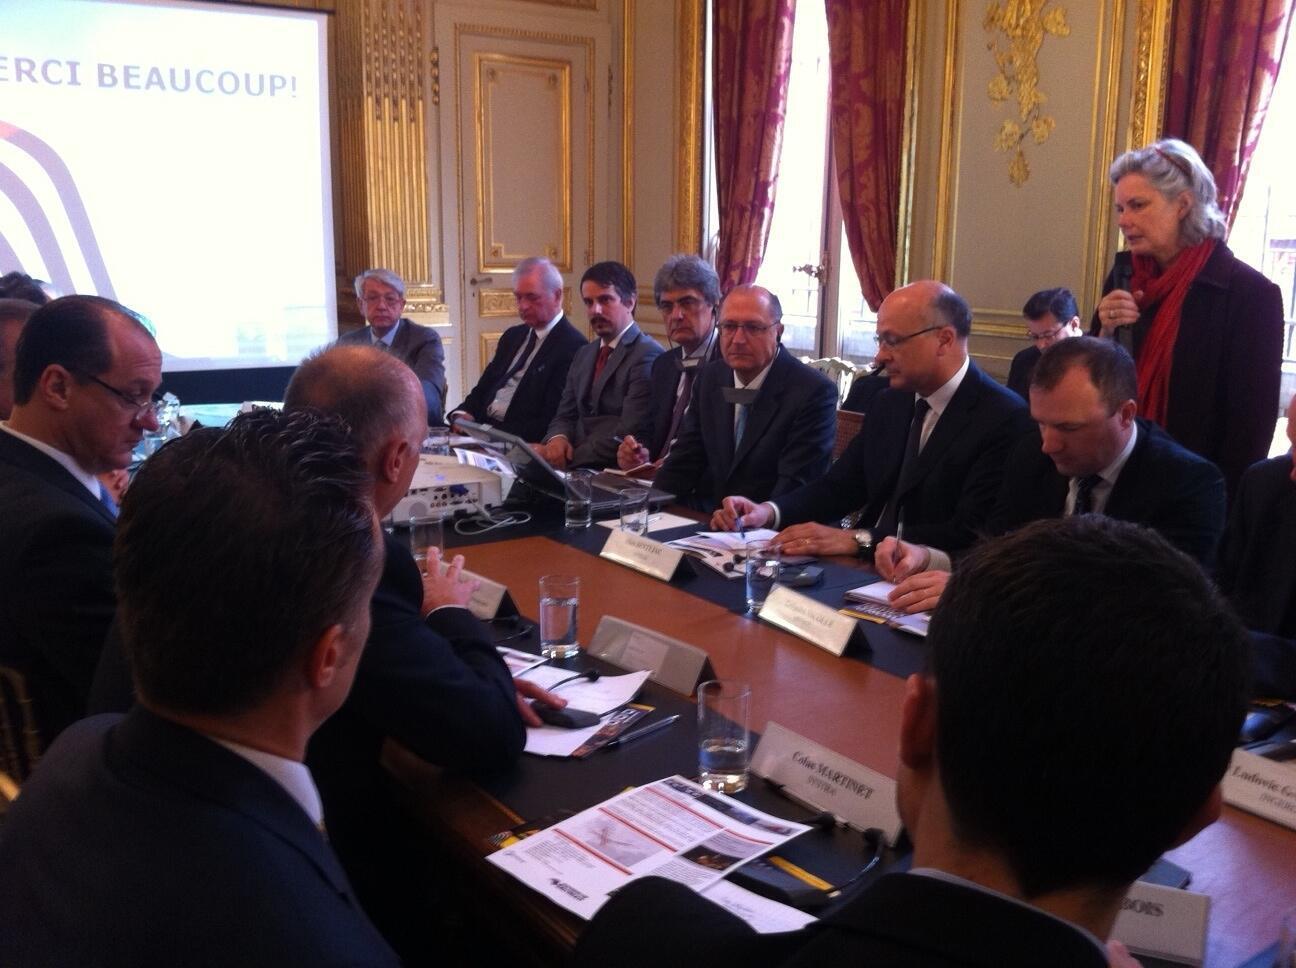 Governador Geraldo Alckmin (quinto da esquerda para a direita) encontrou-se com franceses.